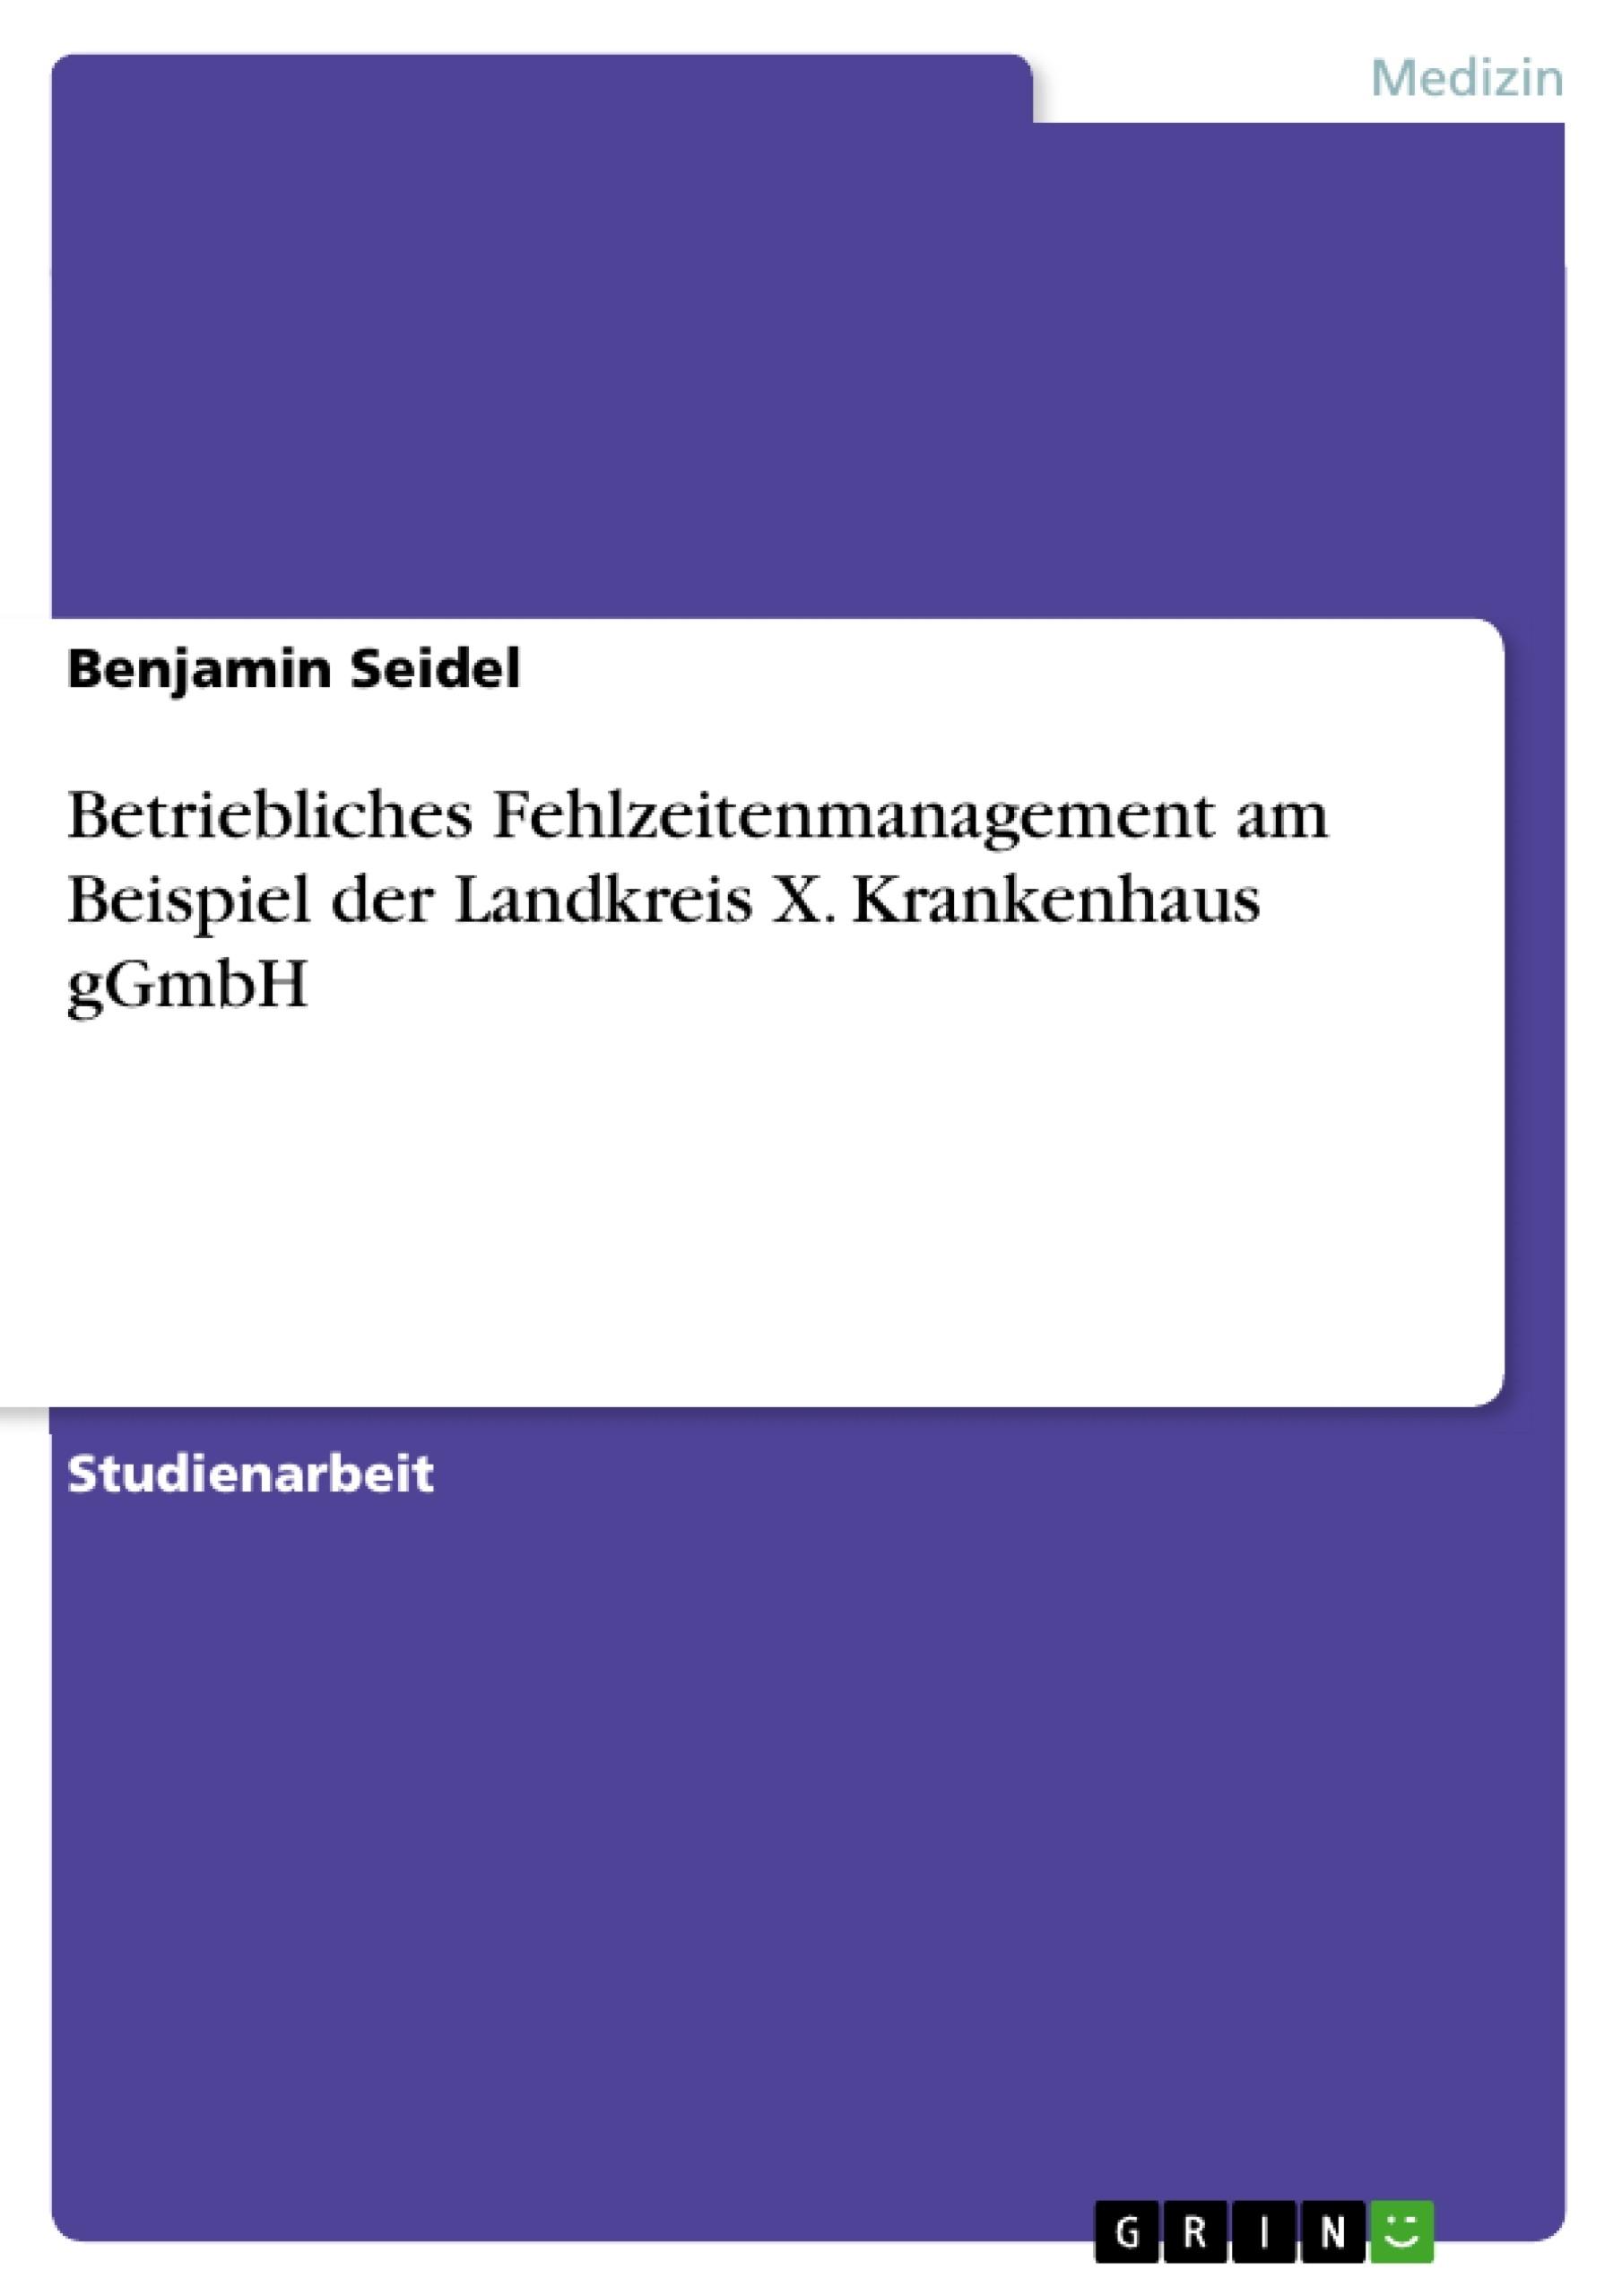 Titel: Betriebliches Fehlzeitenmanagement am Beispiel der Landkreis X. Krankenhaus gGmbH